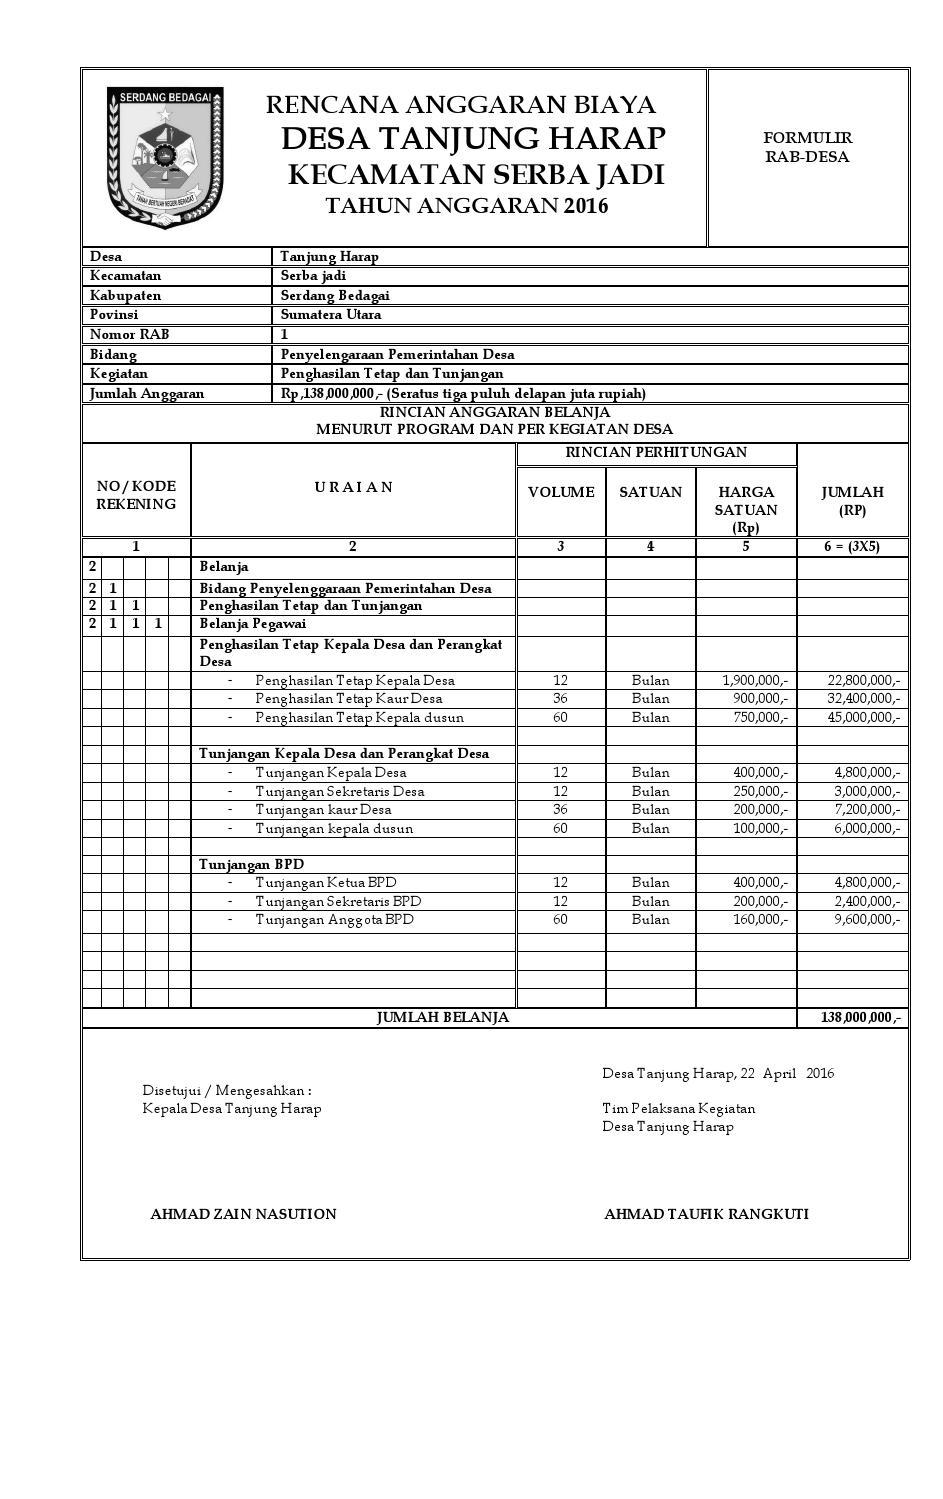 Contoh Rencana Anggaran Biaya Kegiatan : contoh, rencana, anggaran, biaya, kegiatan, Rencana, Anggaran, Biaya, Tanjung, Harap, Issuu